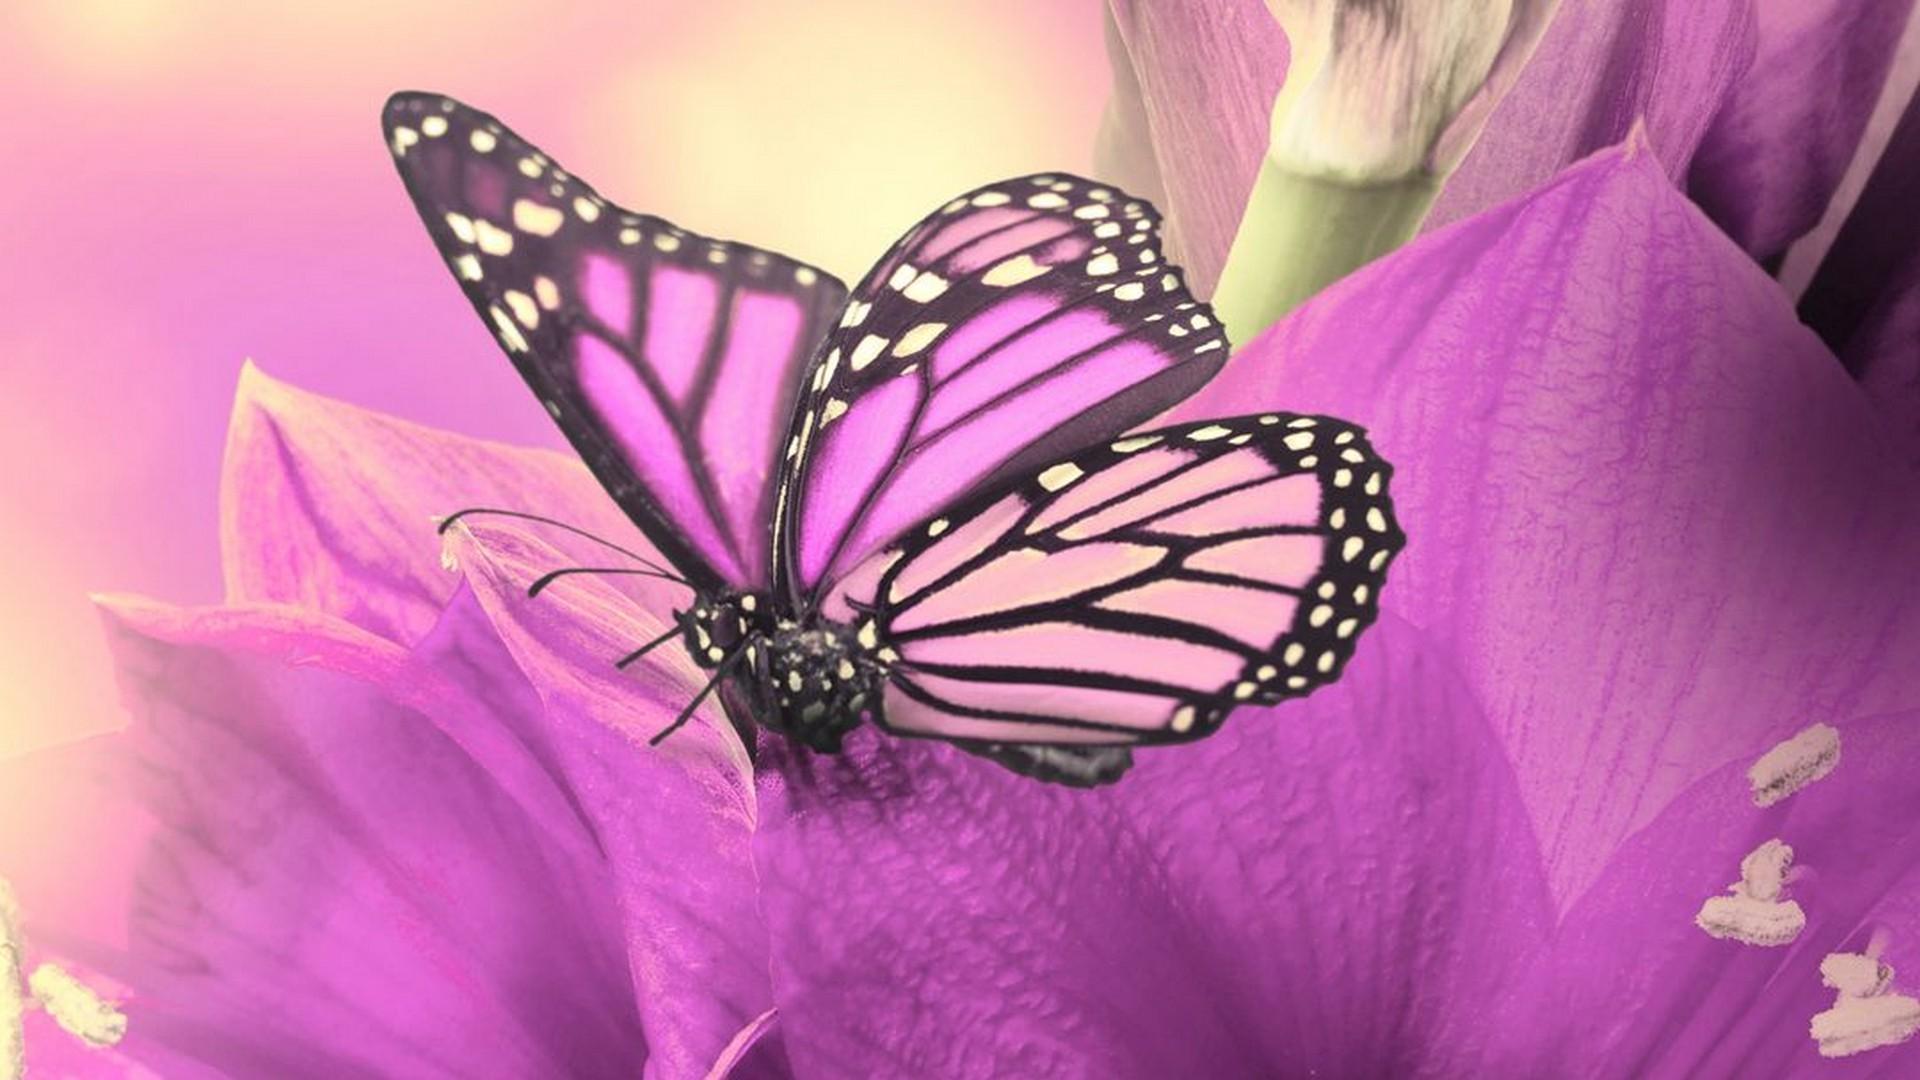 Cute Pink Computer Wallpaper Wallpaper Hd Cute Butterfly 2019 Live Wallpaper Hd